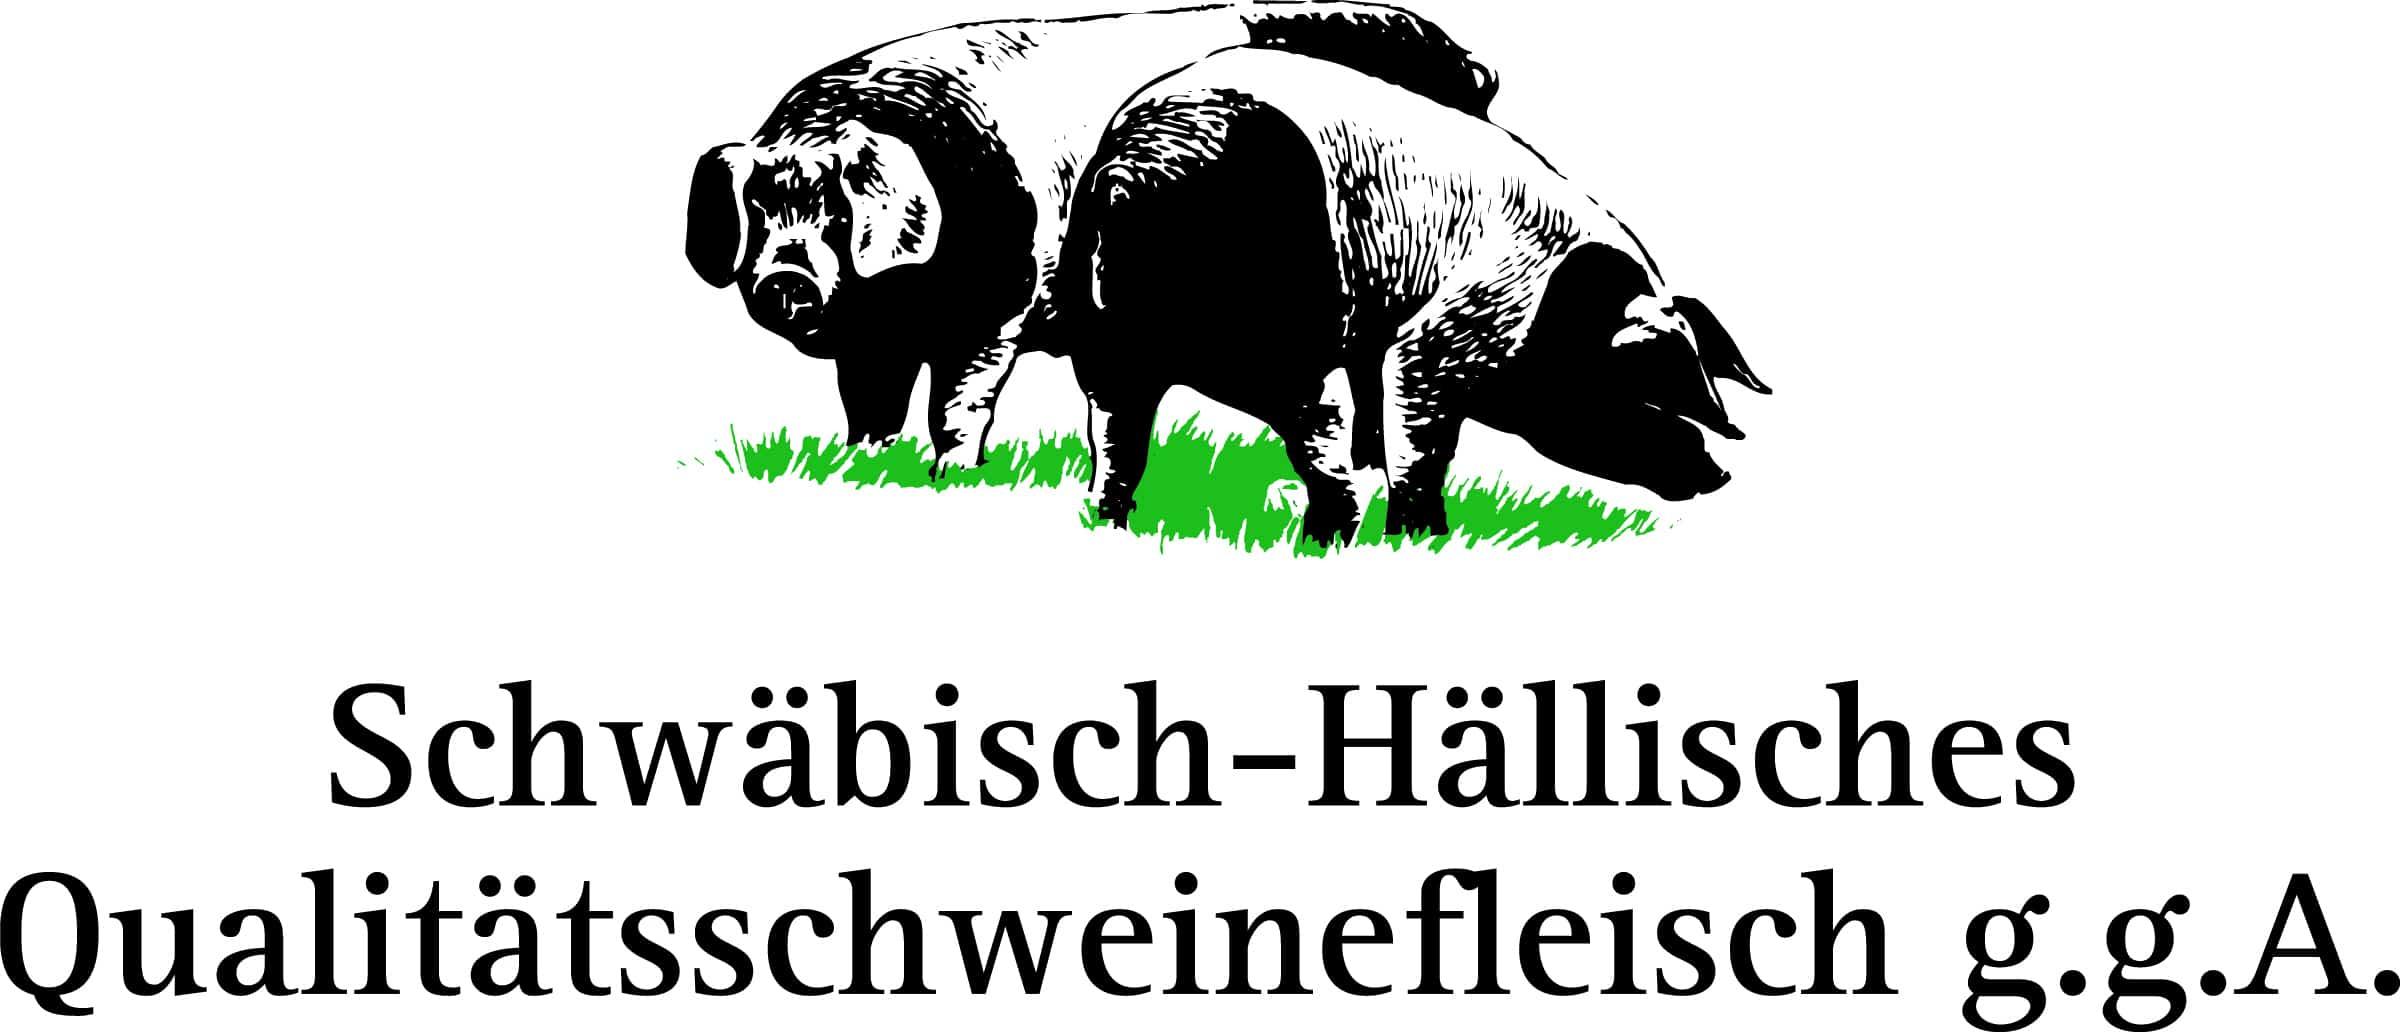 Schwäbisch-Hällisches Qualitätsschweinefleisch